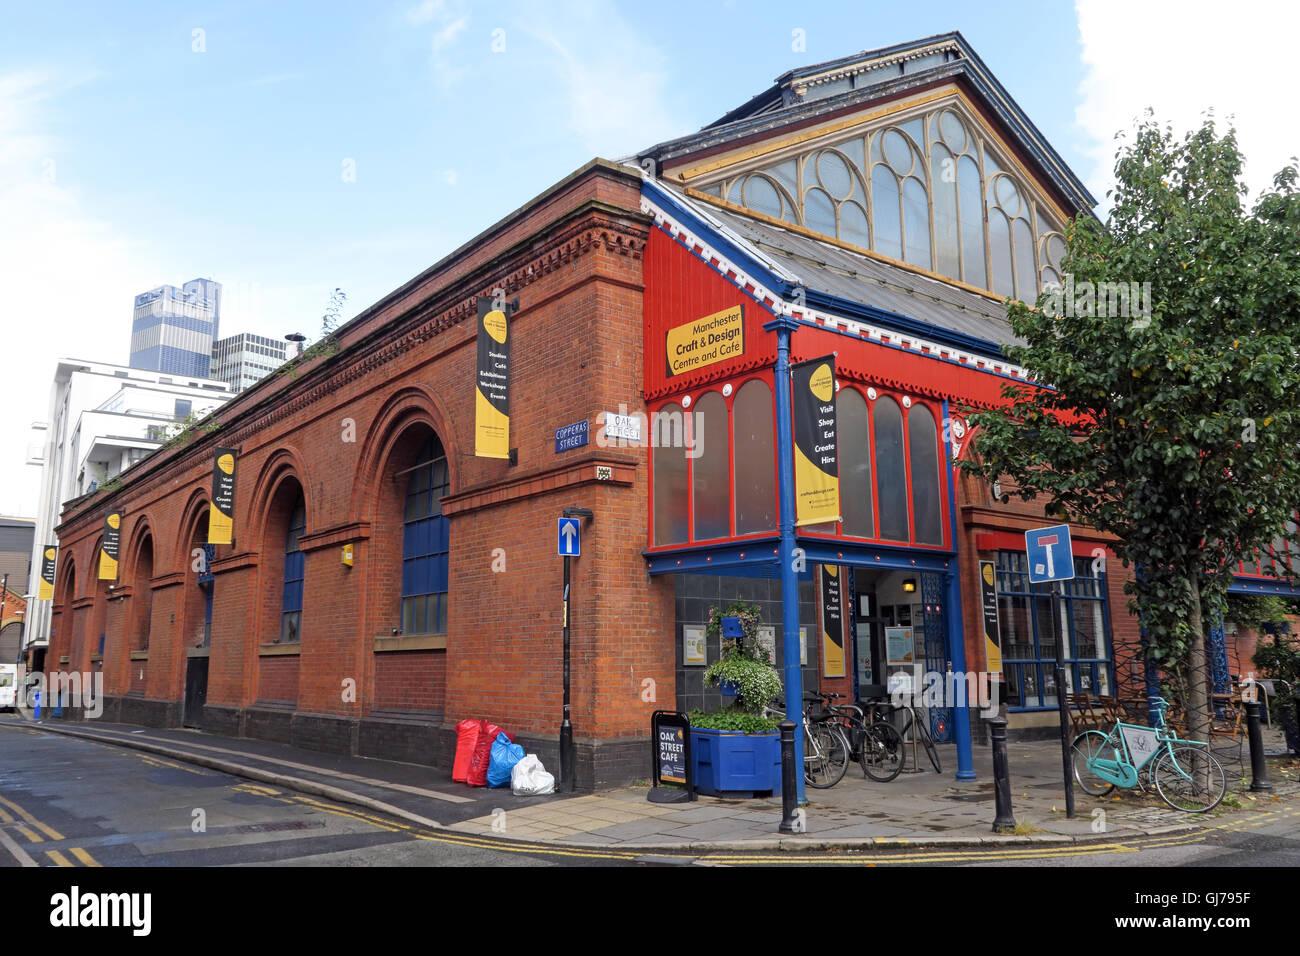 Laden Sie dieses Alamy Stockfoto Manchester Handwerk und Design Center, 17 Oak Street, Manchester, M4 5JD - GJ795F